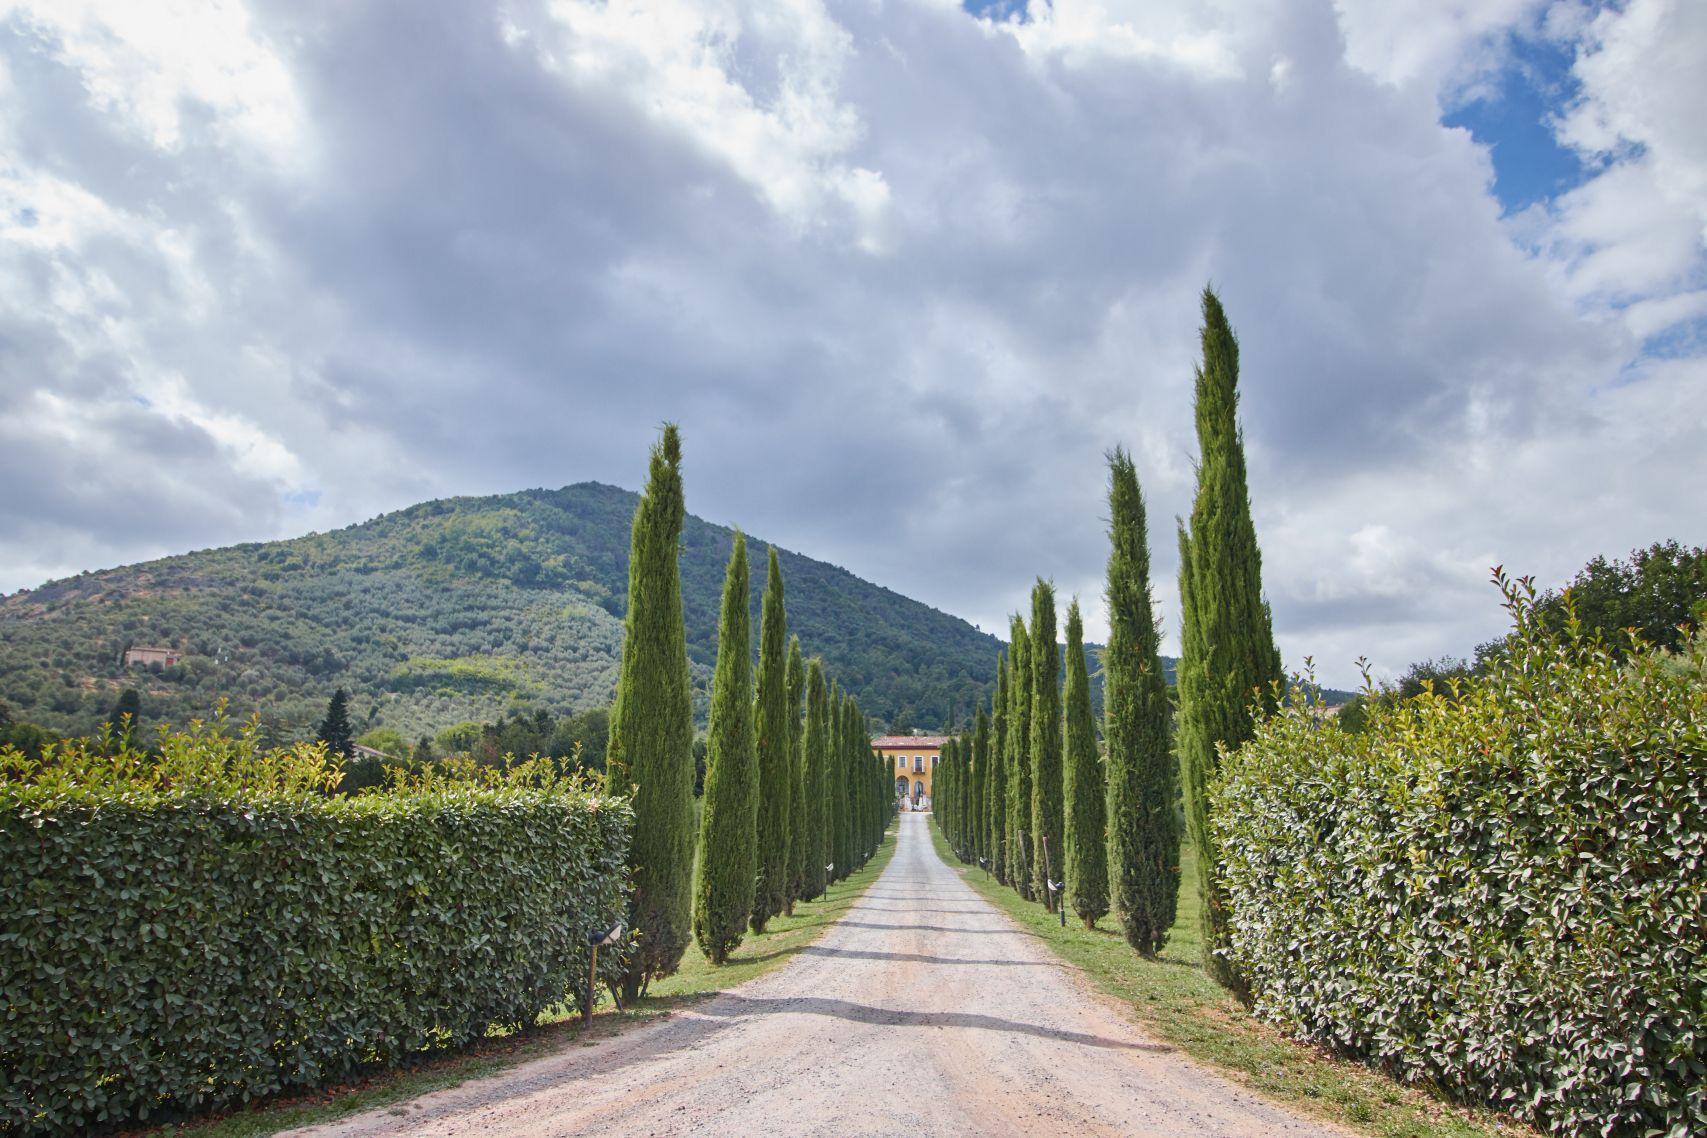 Villa Cheli als Stopp vom Toskana Roadtrip